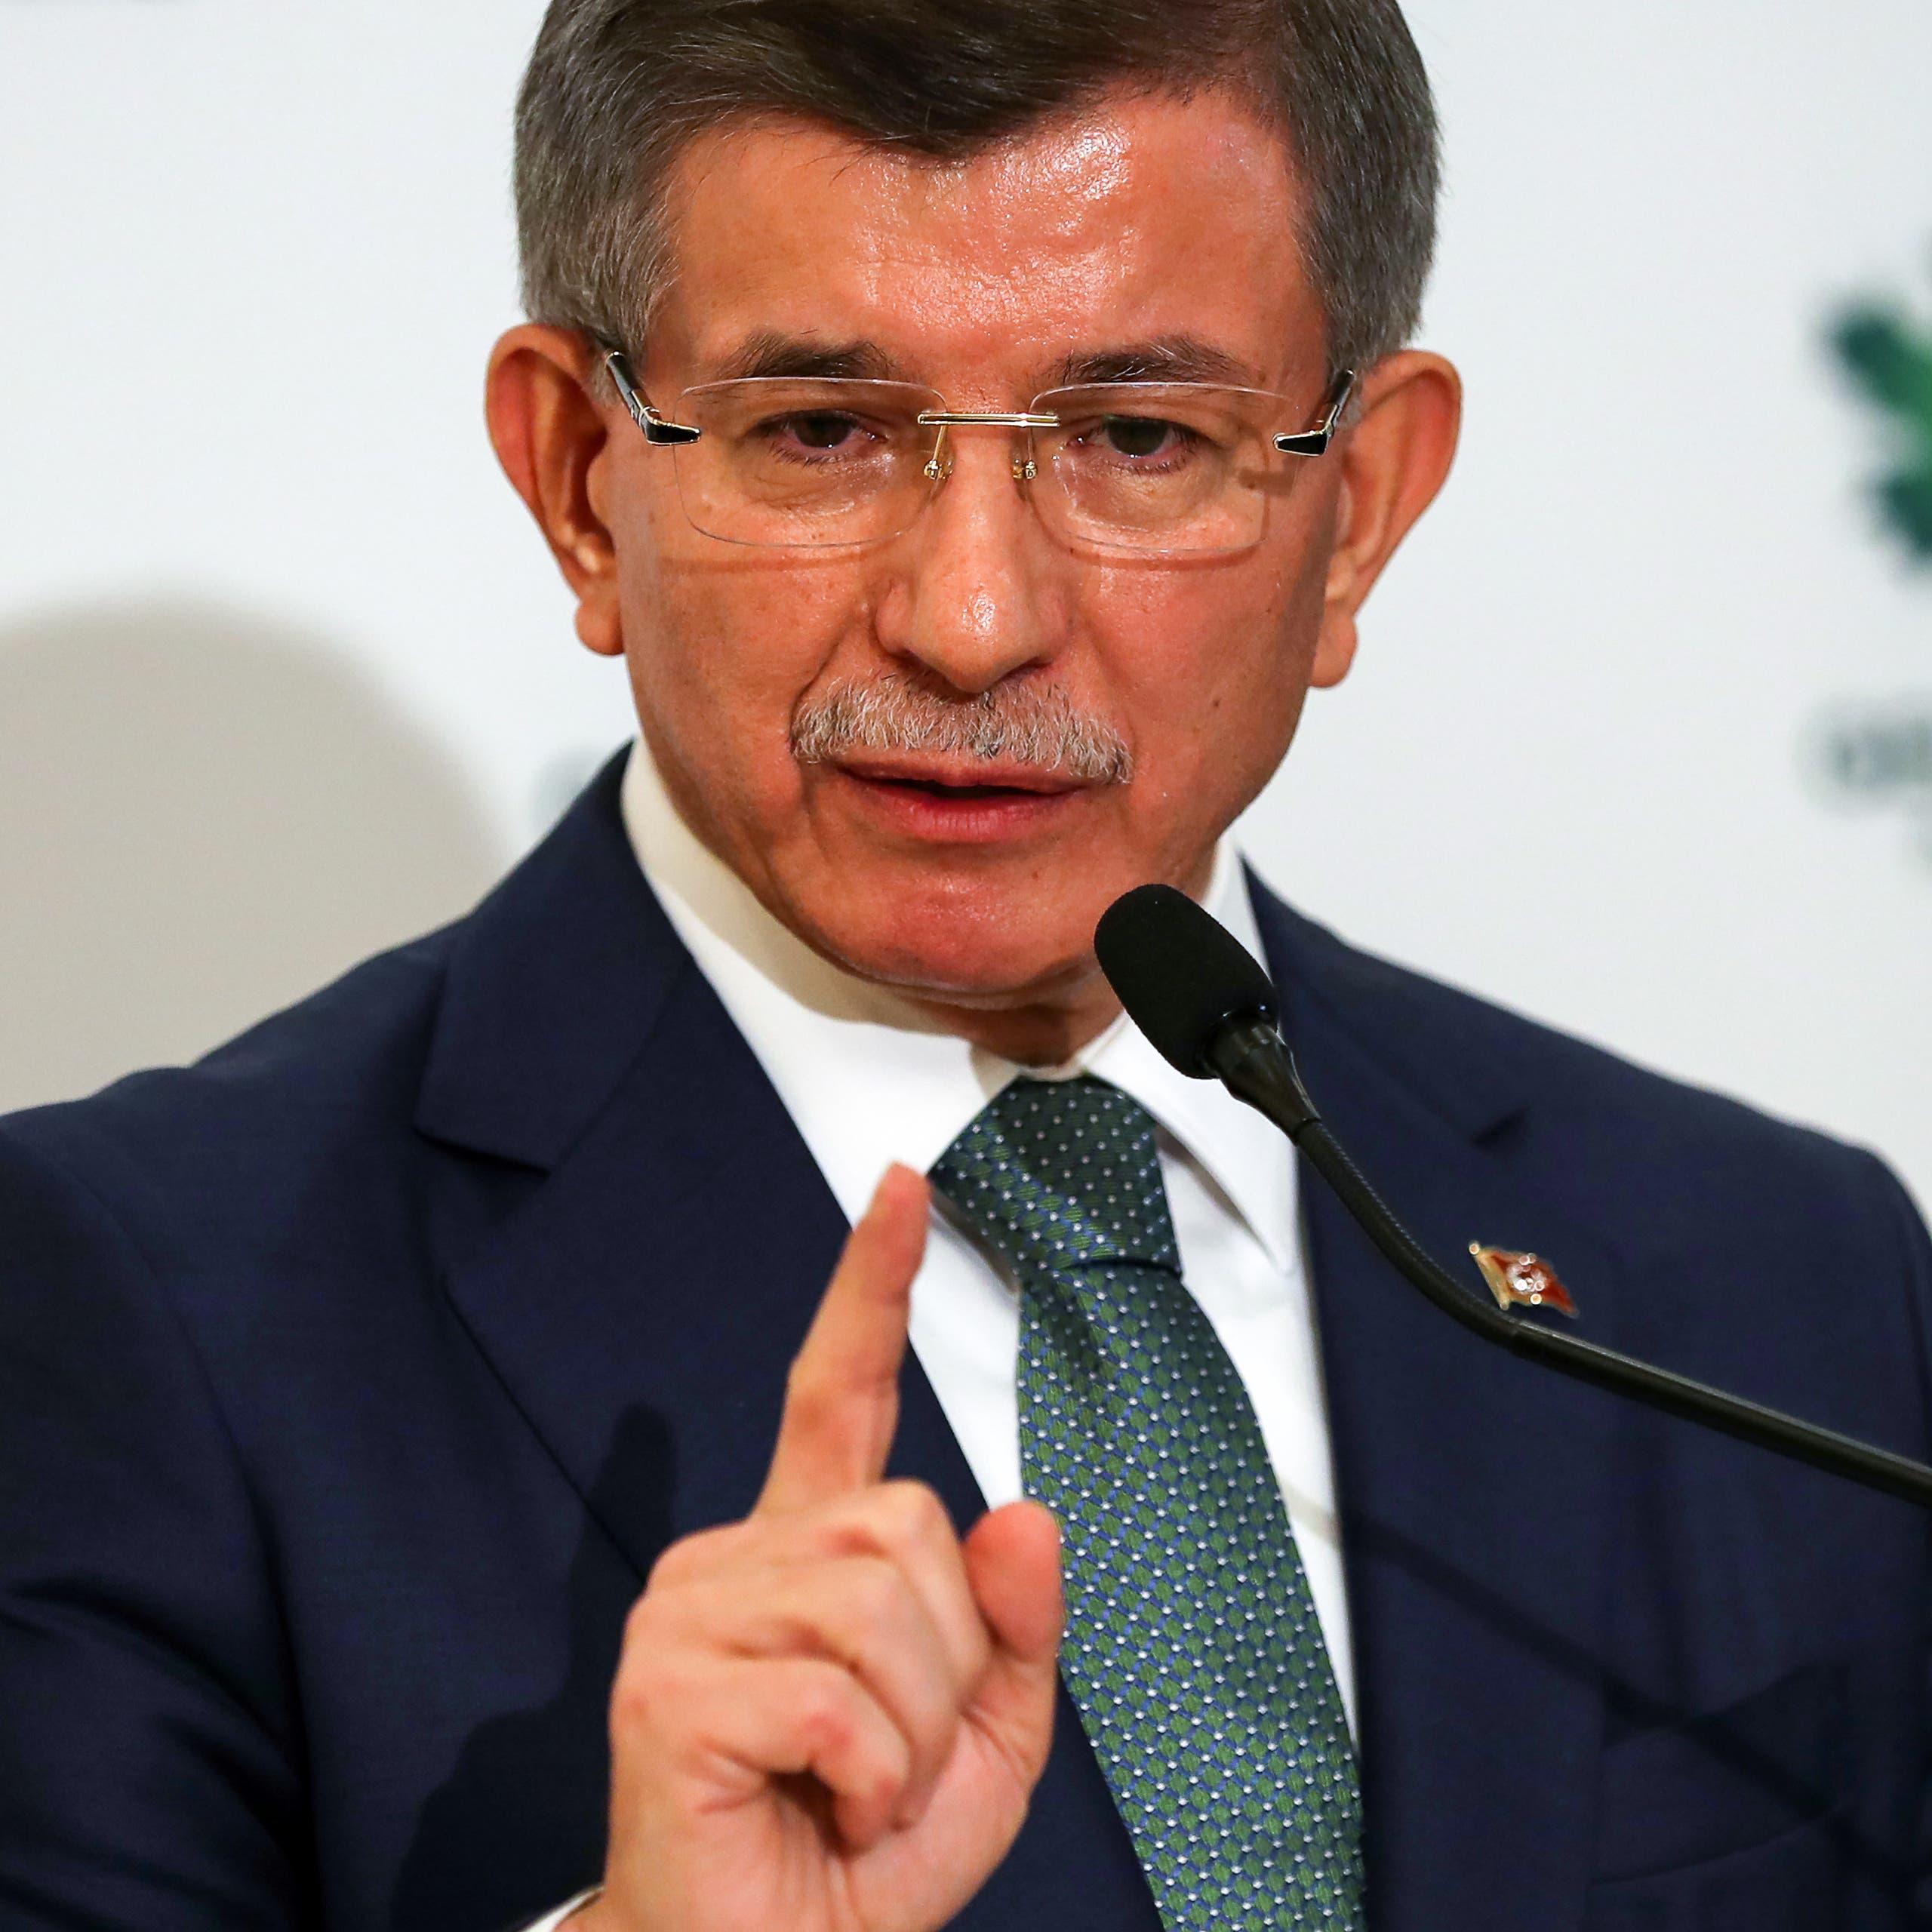 أردوغان يغلق قناة إخبارية.. وداوود أوغلو: يخاف الإعلام!